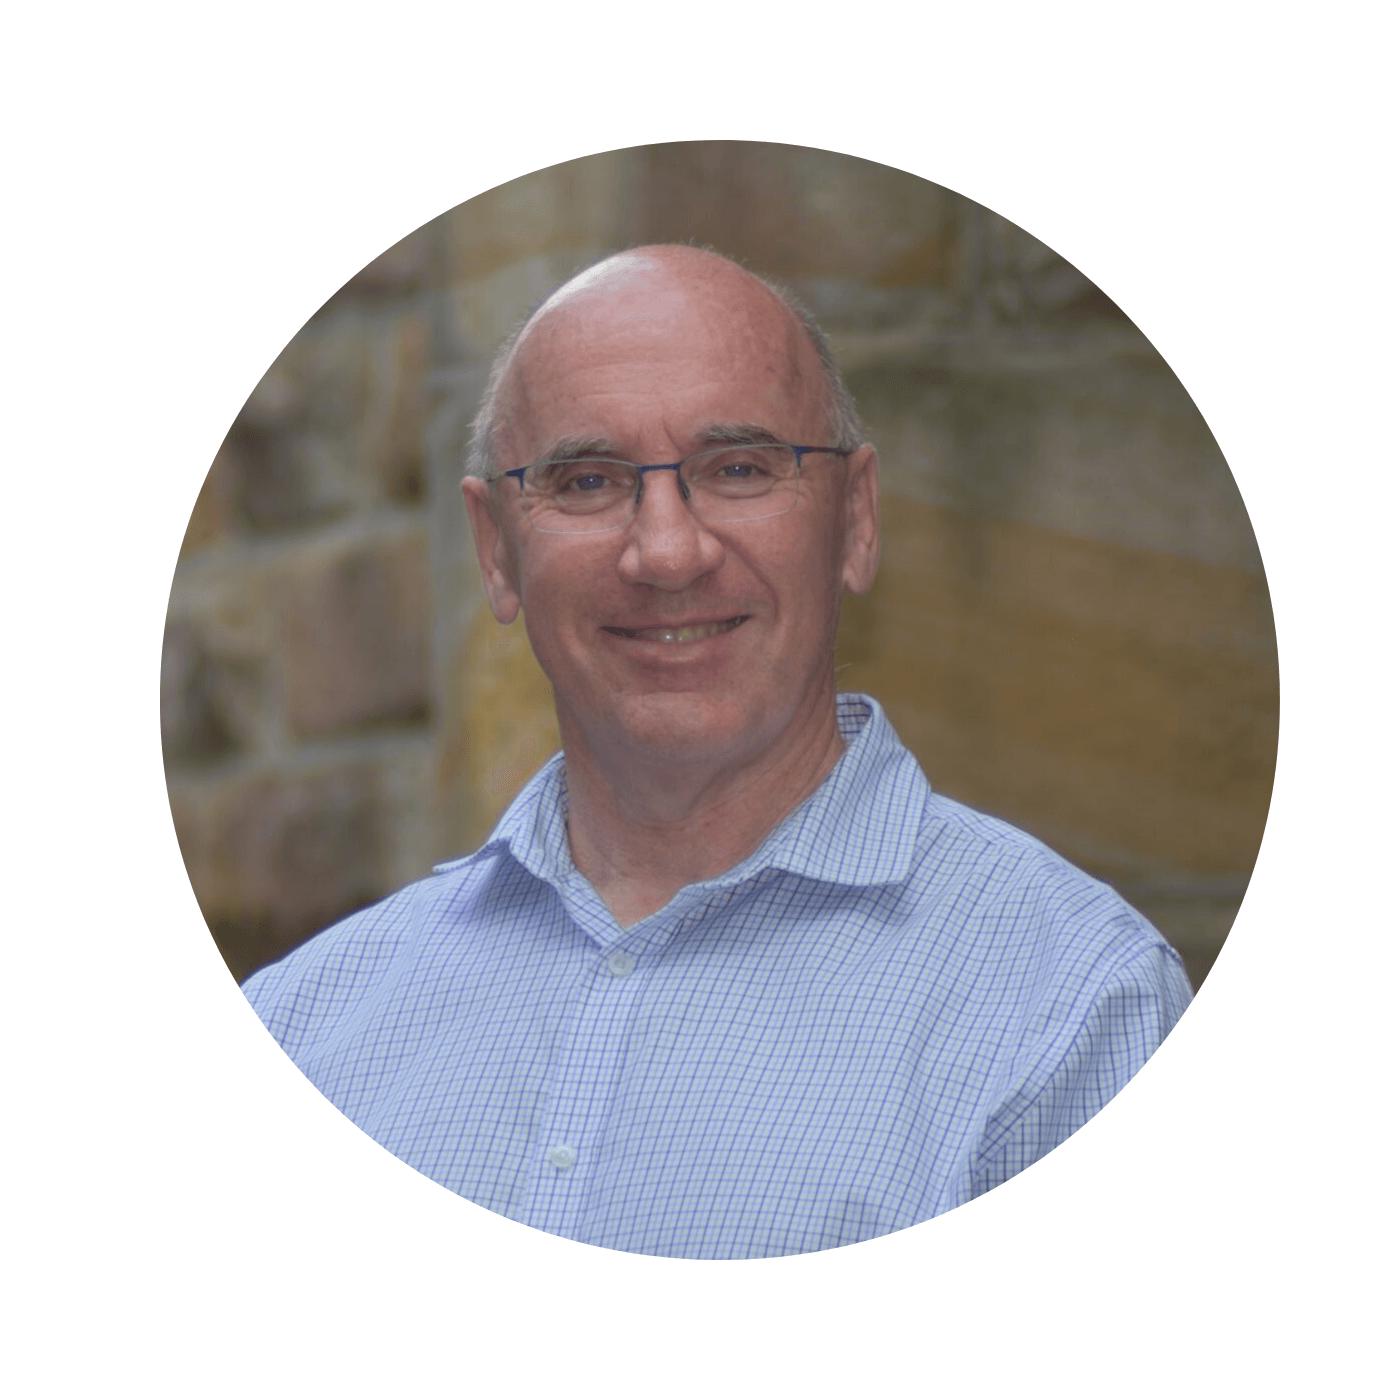 Doug Shoemark  Property Manager   doug@cciw.org.au